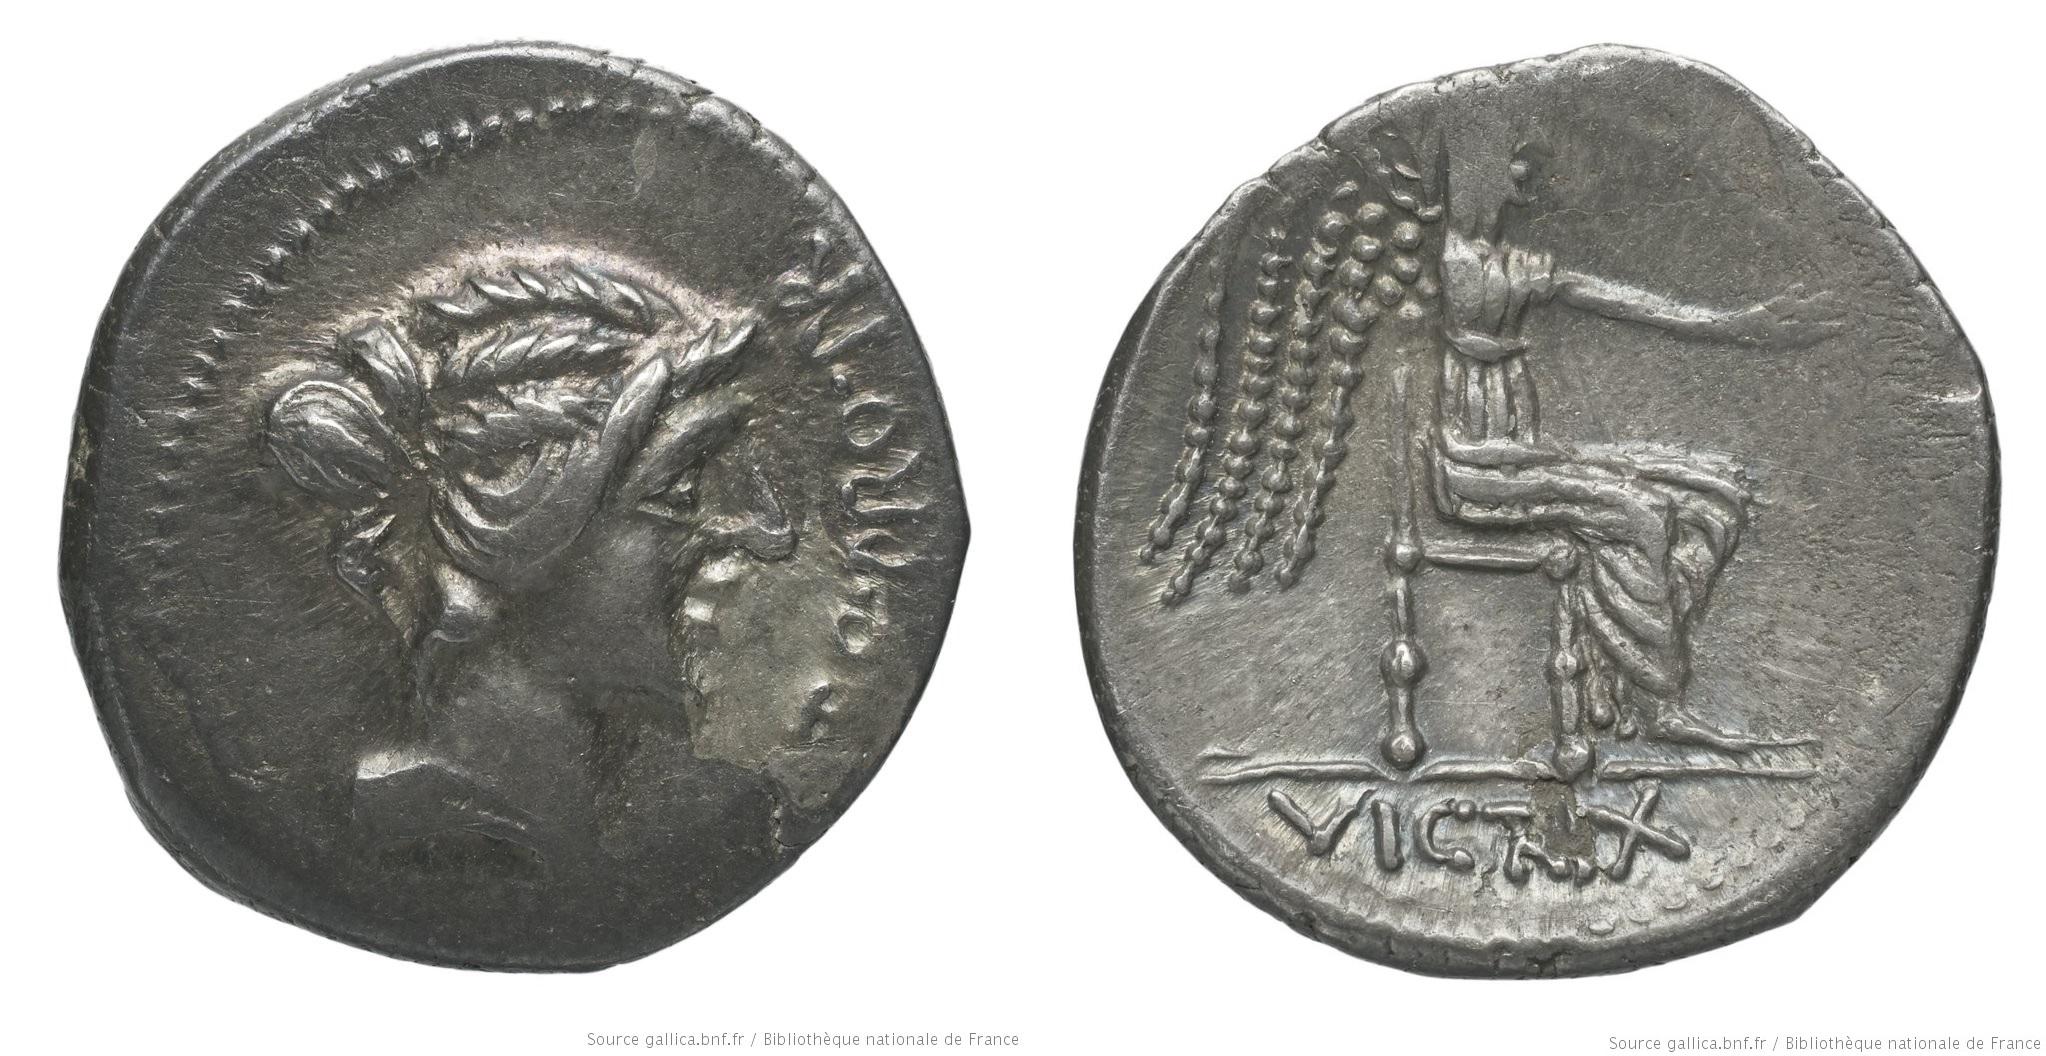 1469PO – Denier Porcia – Marcus Porcius Cato Uticensis